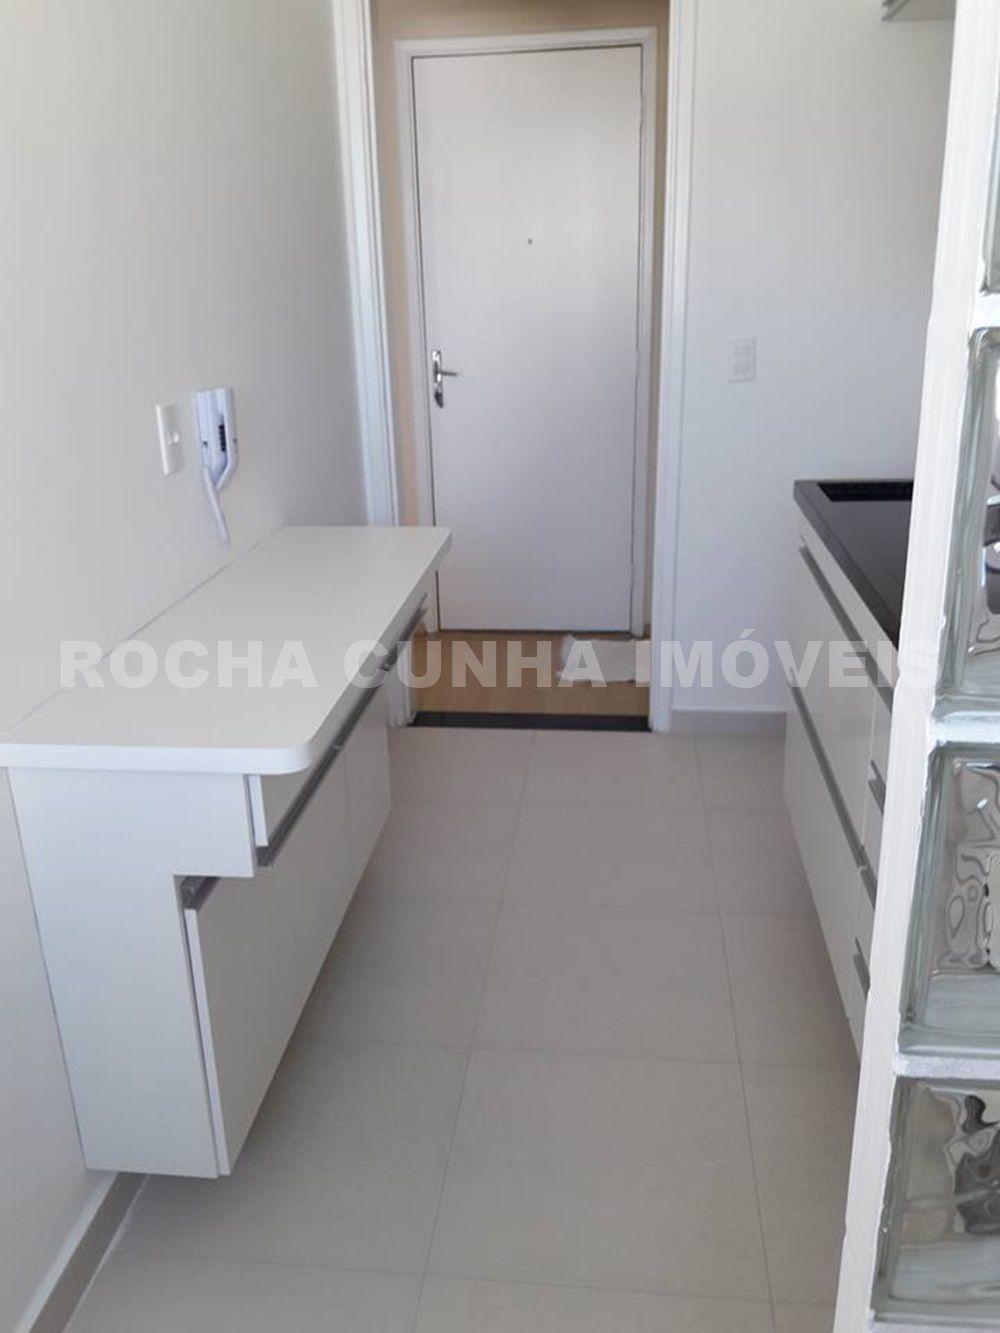 Apartamento 2 quartos à venda São Paulo,SP - R$ 325.000 - VENDA0060 - 5